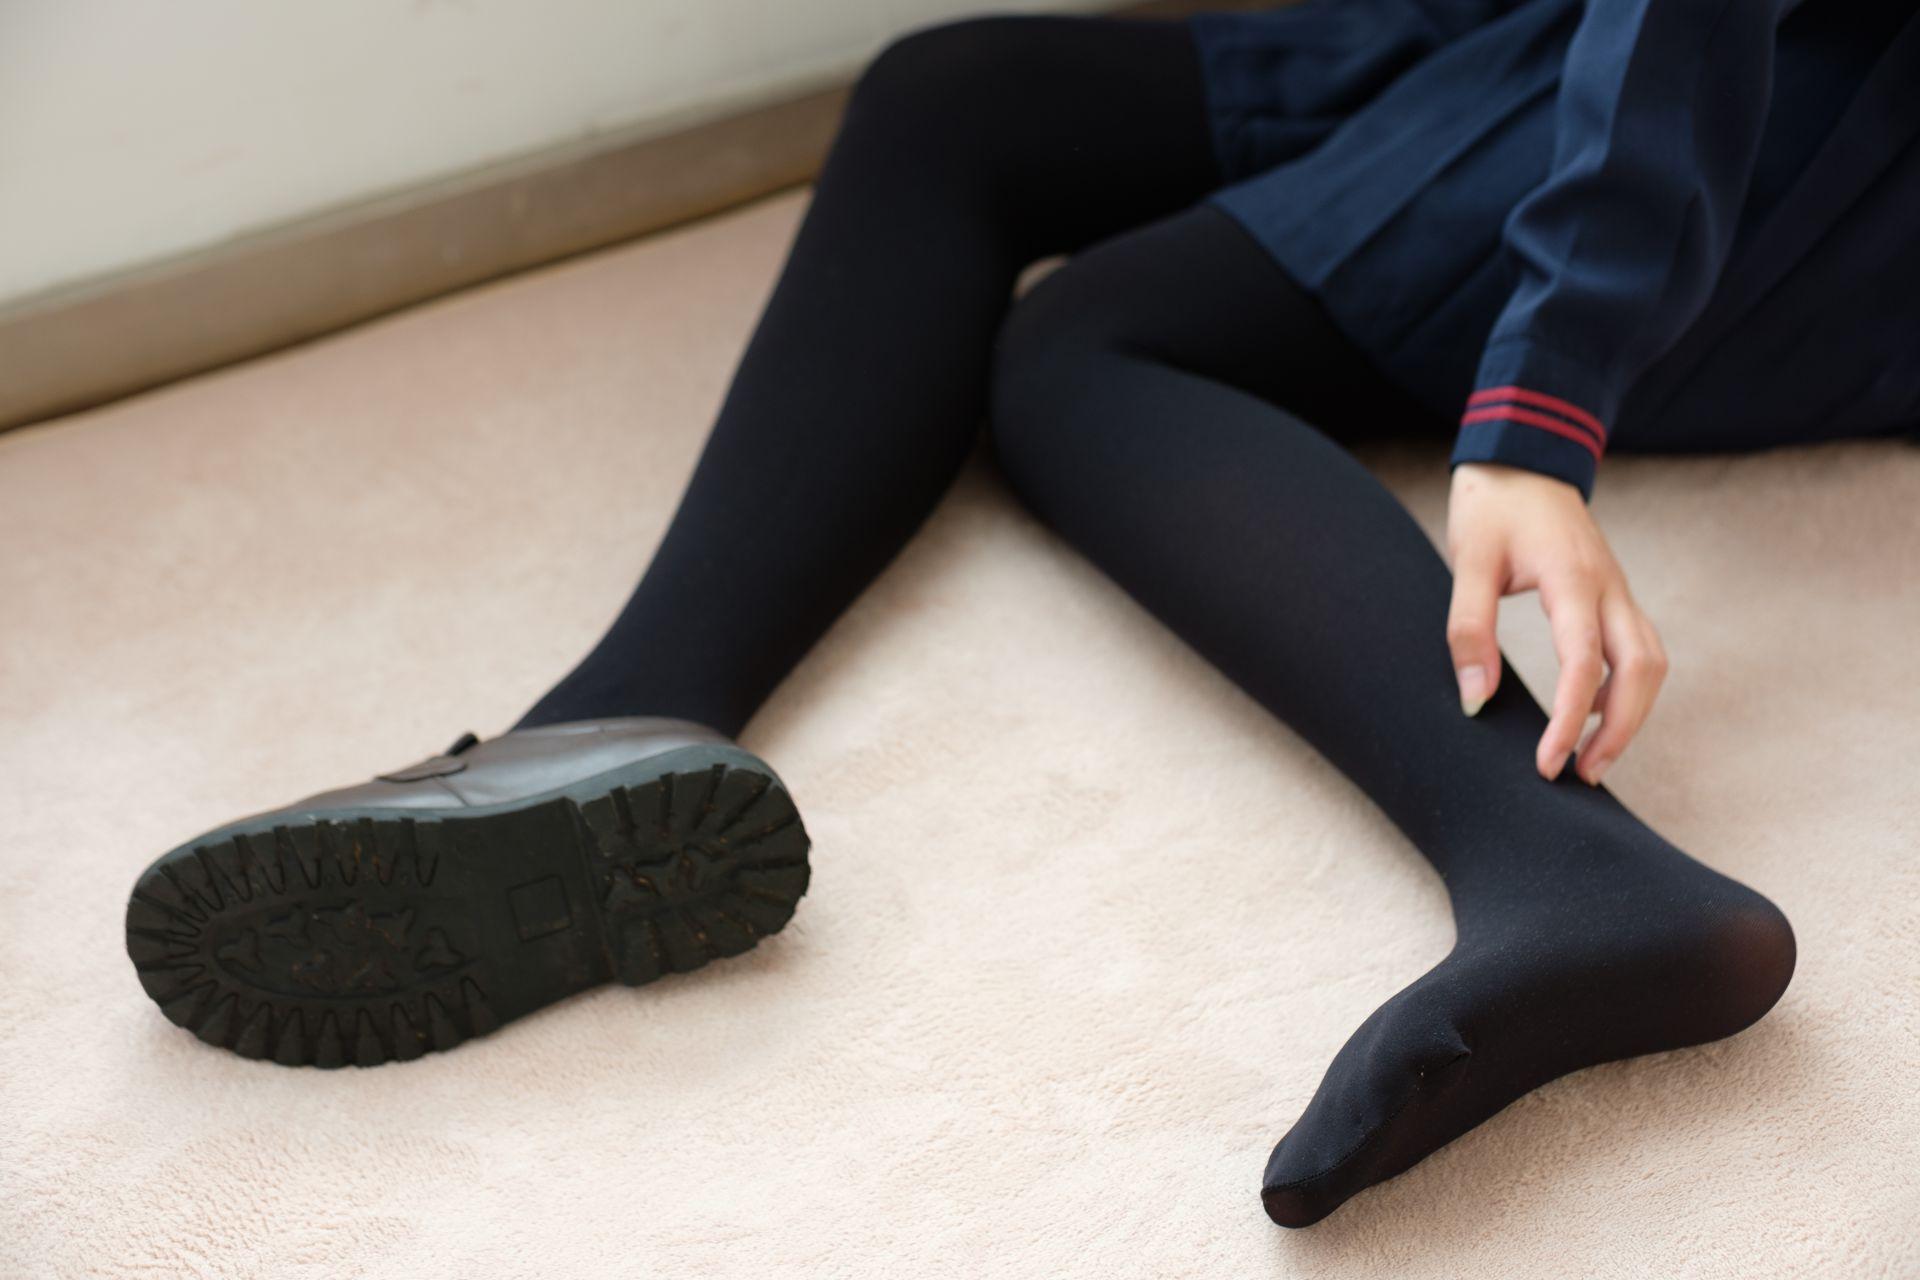 【森萝财团】森萝财团写真 - BETA-024 JK黑丝少女 [109P-836MB] BETA系列 第5张